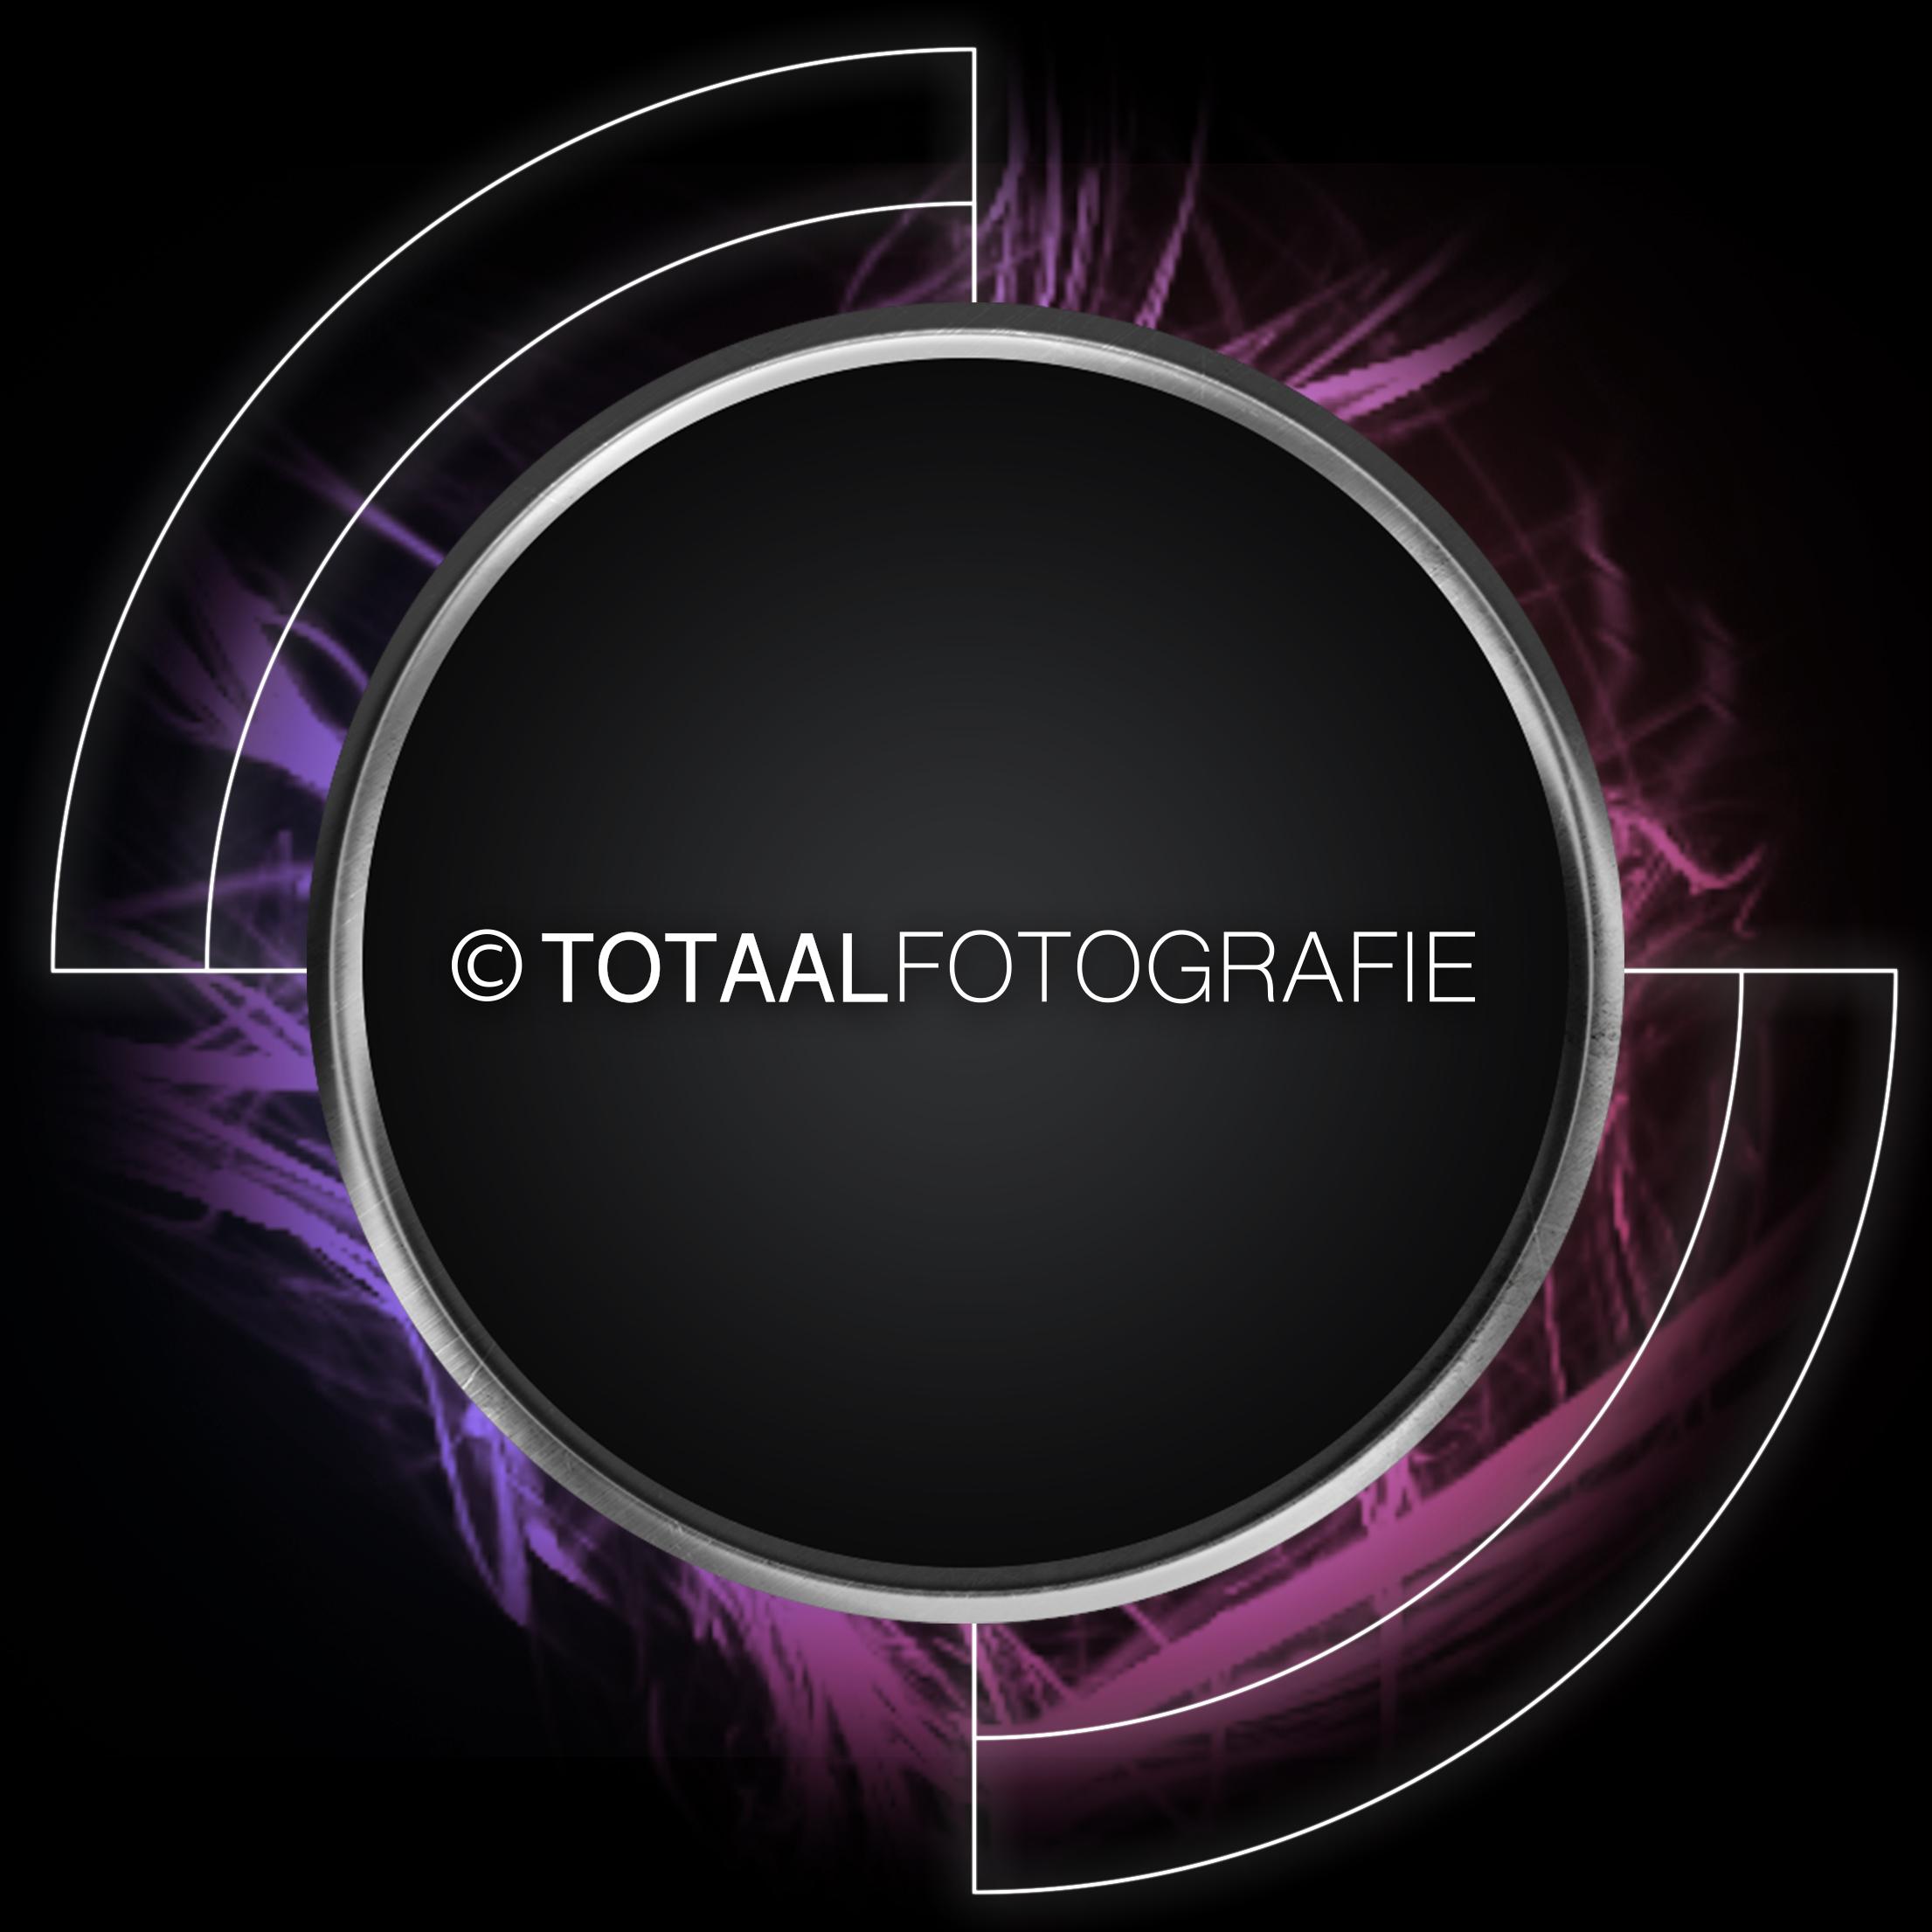 Totaalfotografie